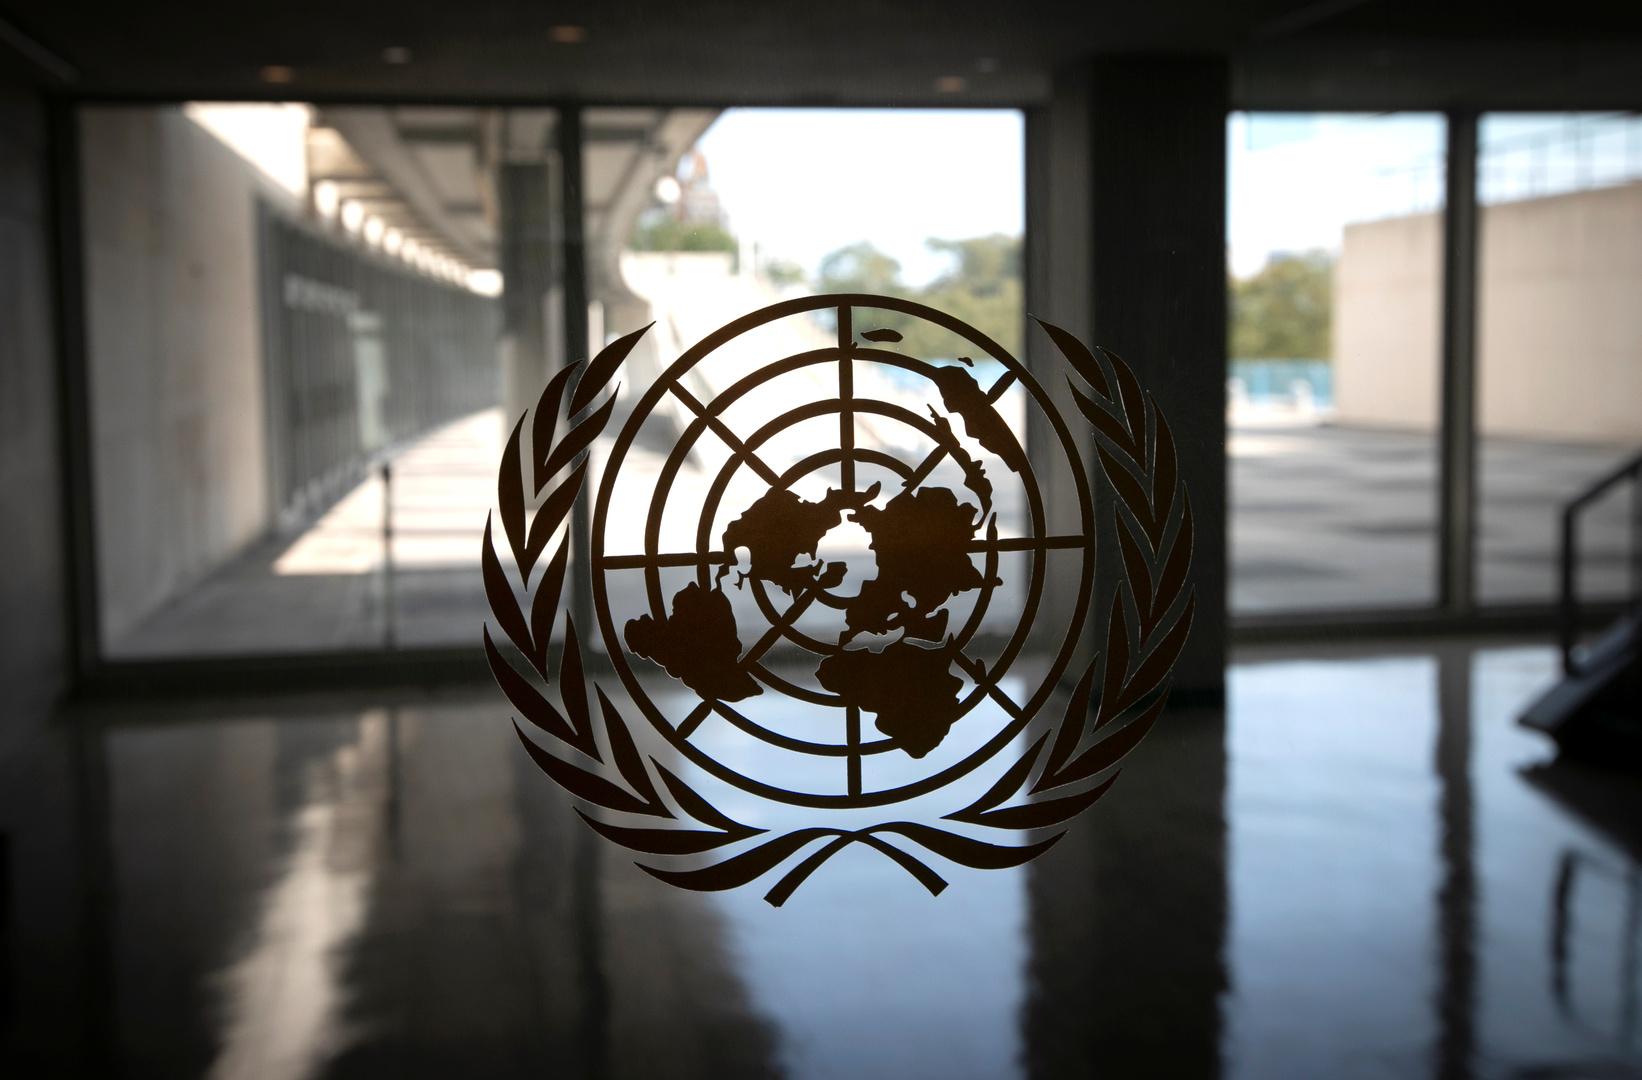 غوتيريش: 124 مليون فقير جديد في العالم بسبب كورونا